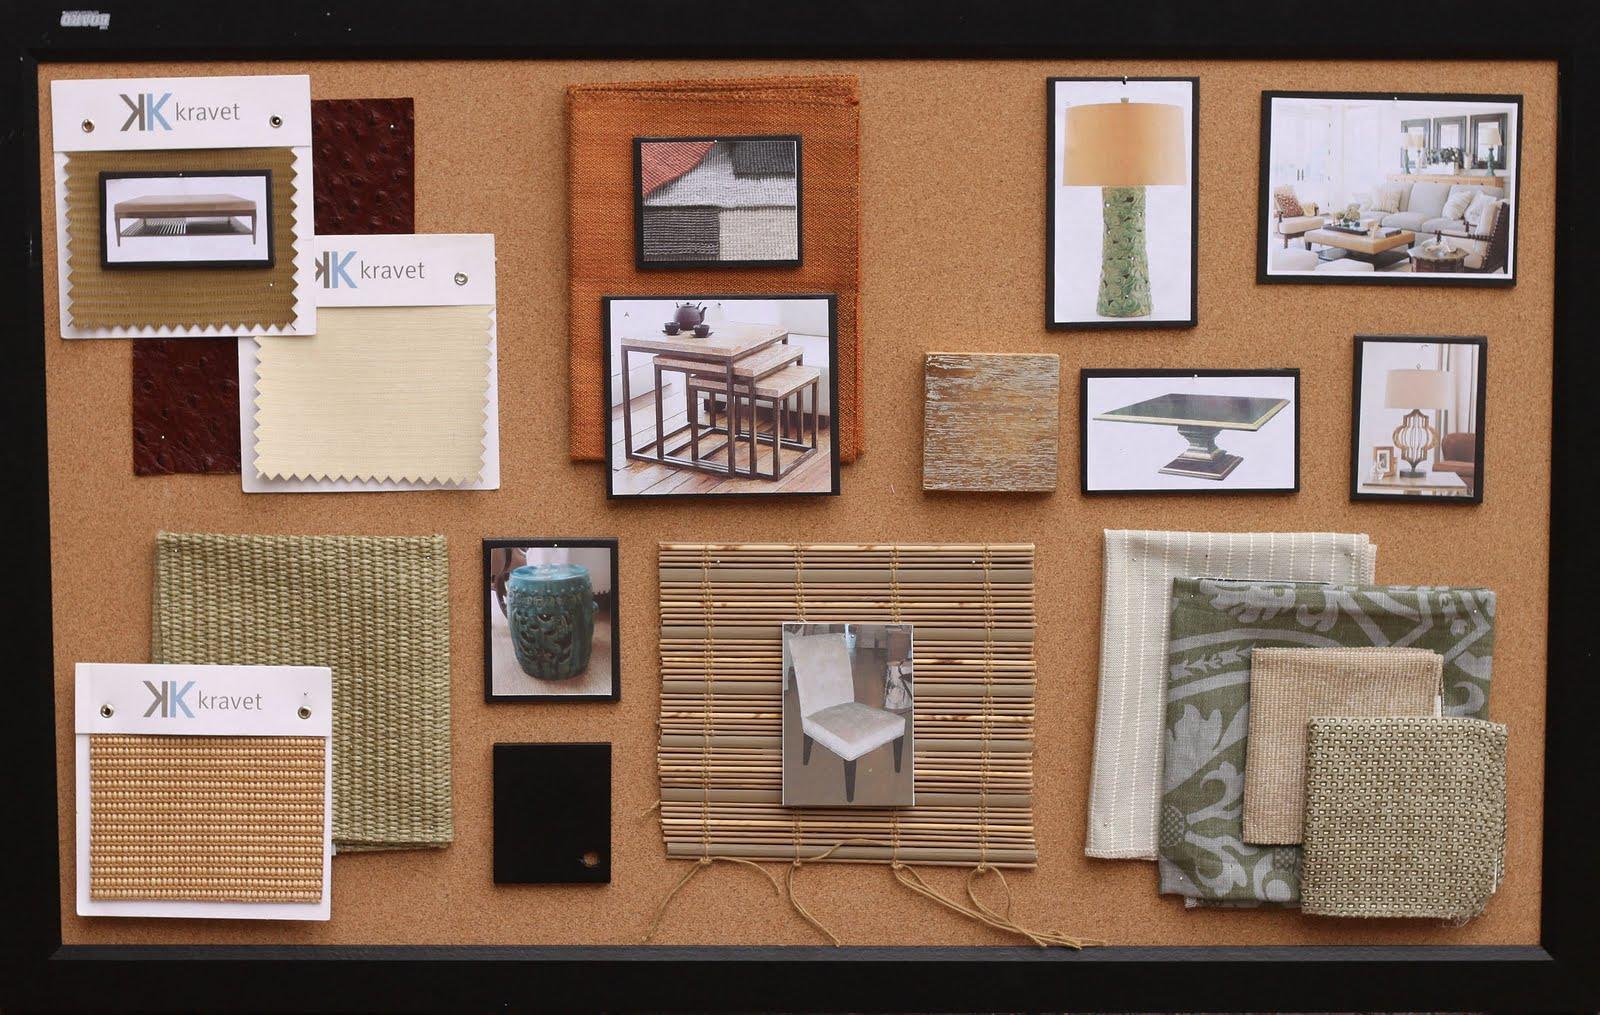 Stiles fischer interior design what i do presentation - Interior design sample board software ...